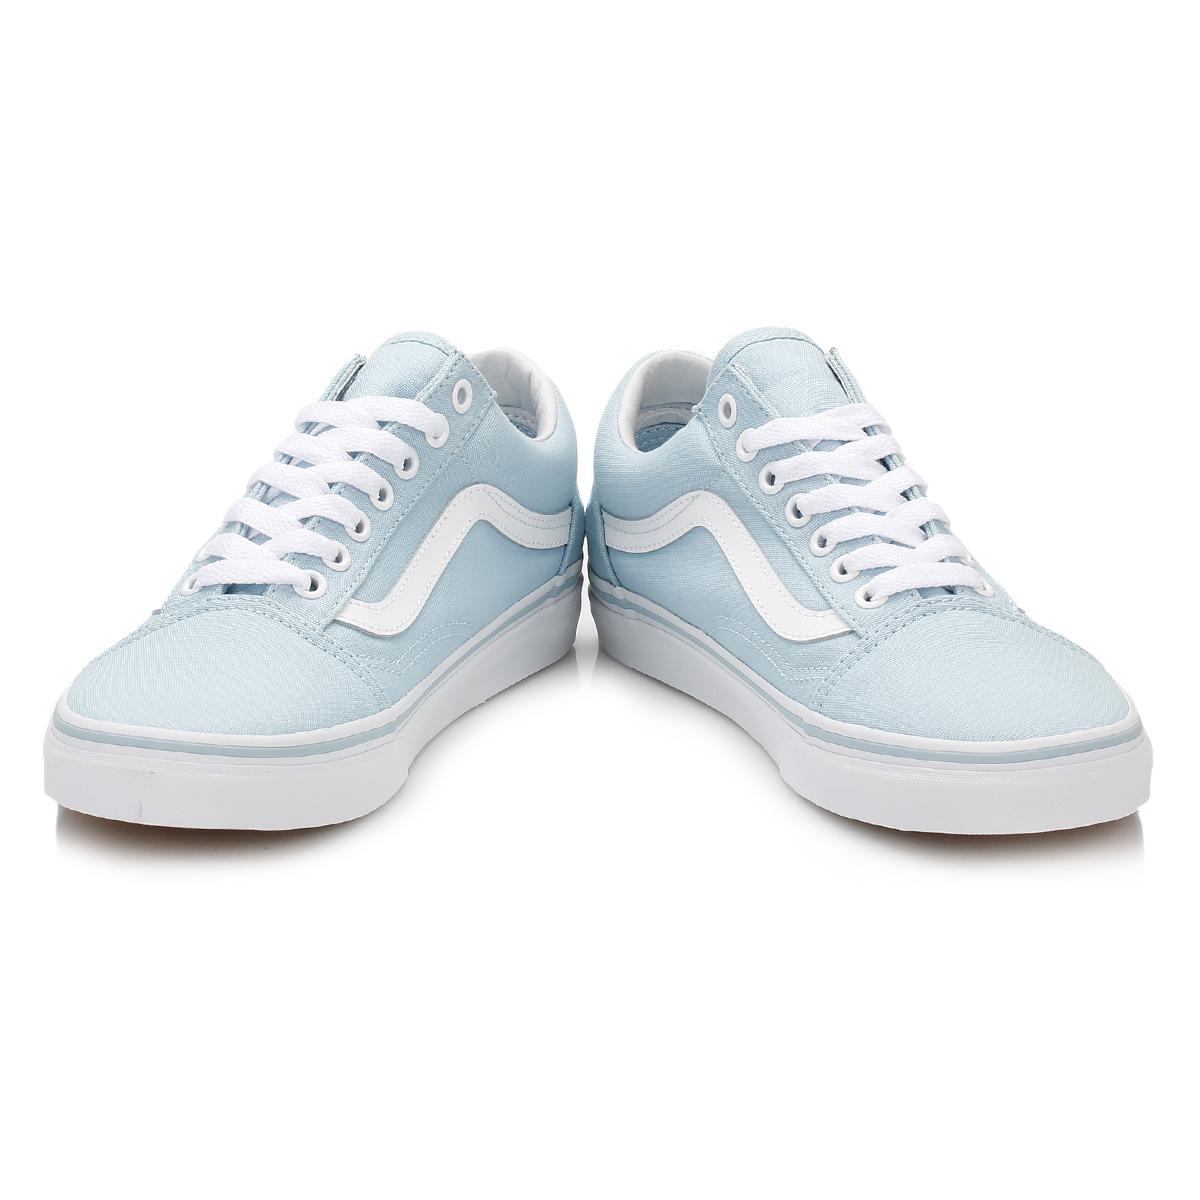 Comprar zapatillas vans skate mujer   OFF59% Descuentos de980b47f96